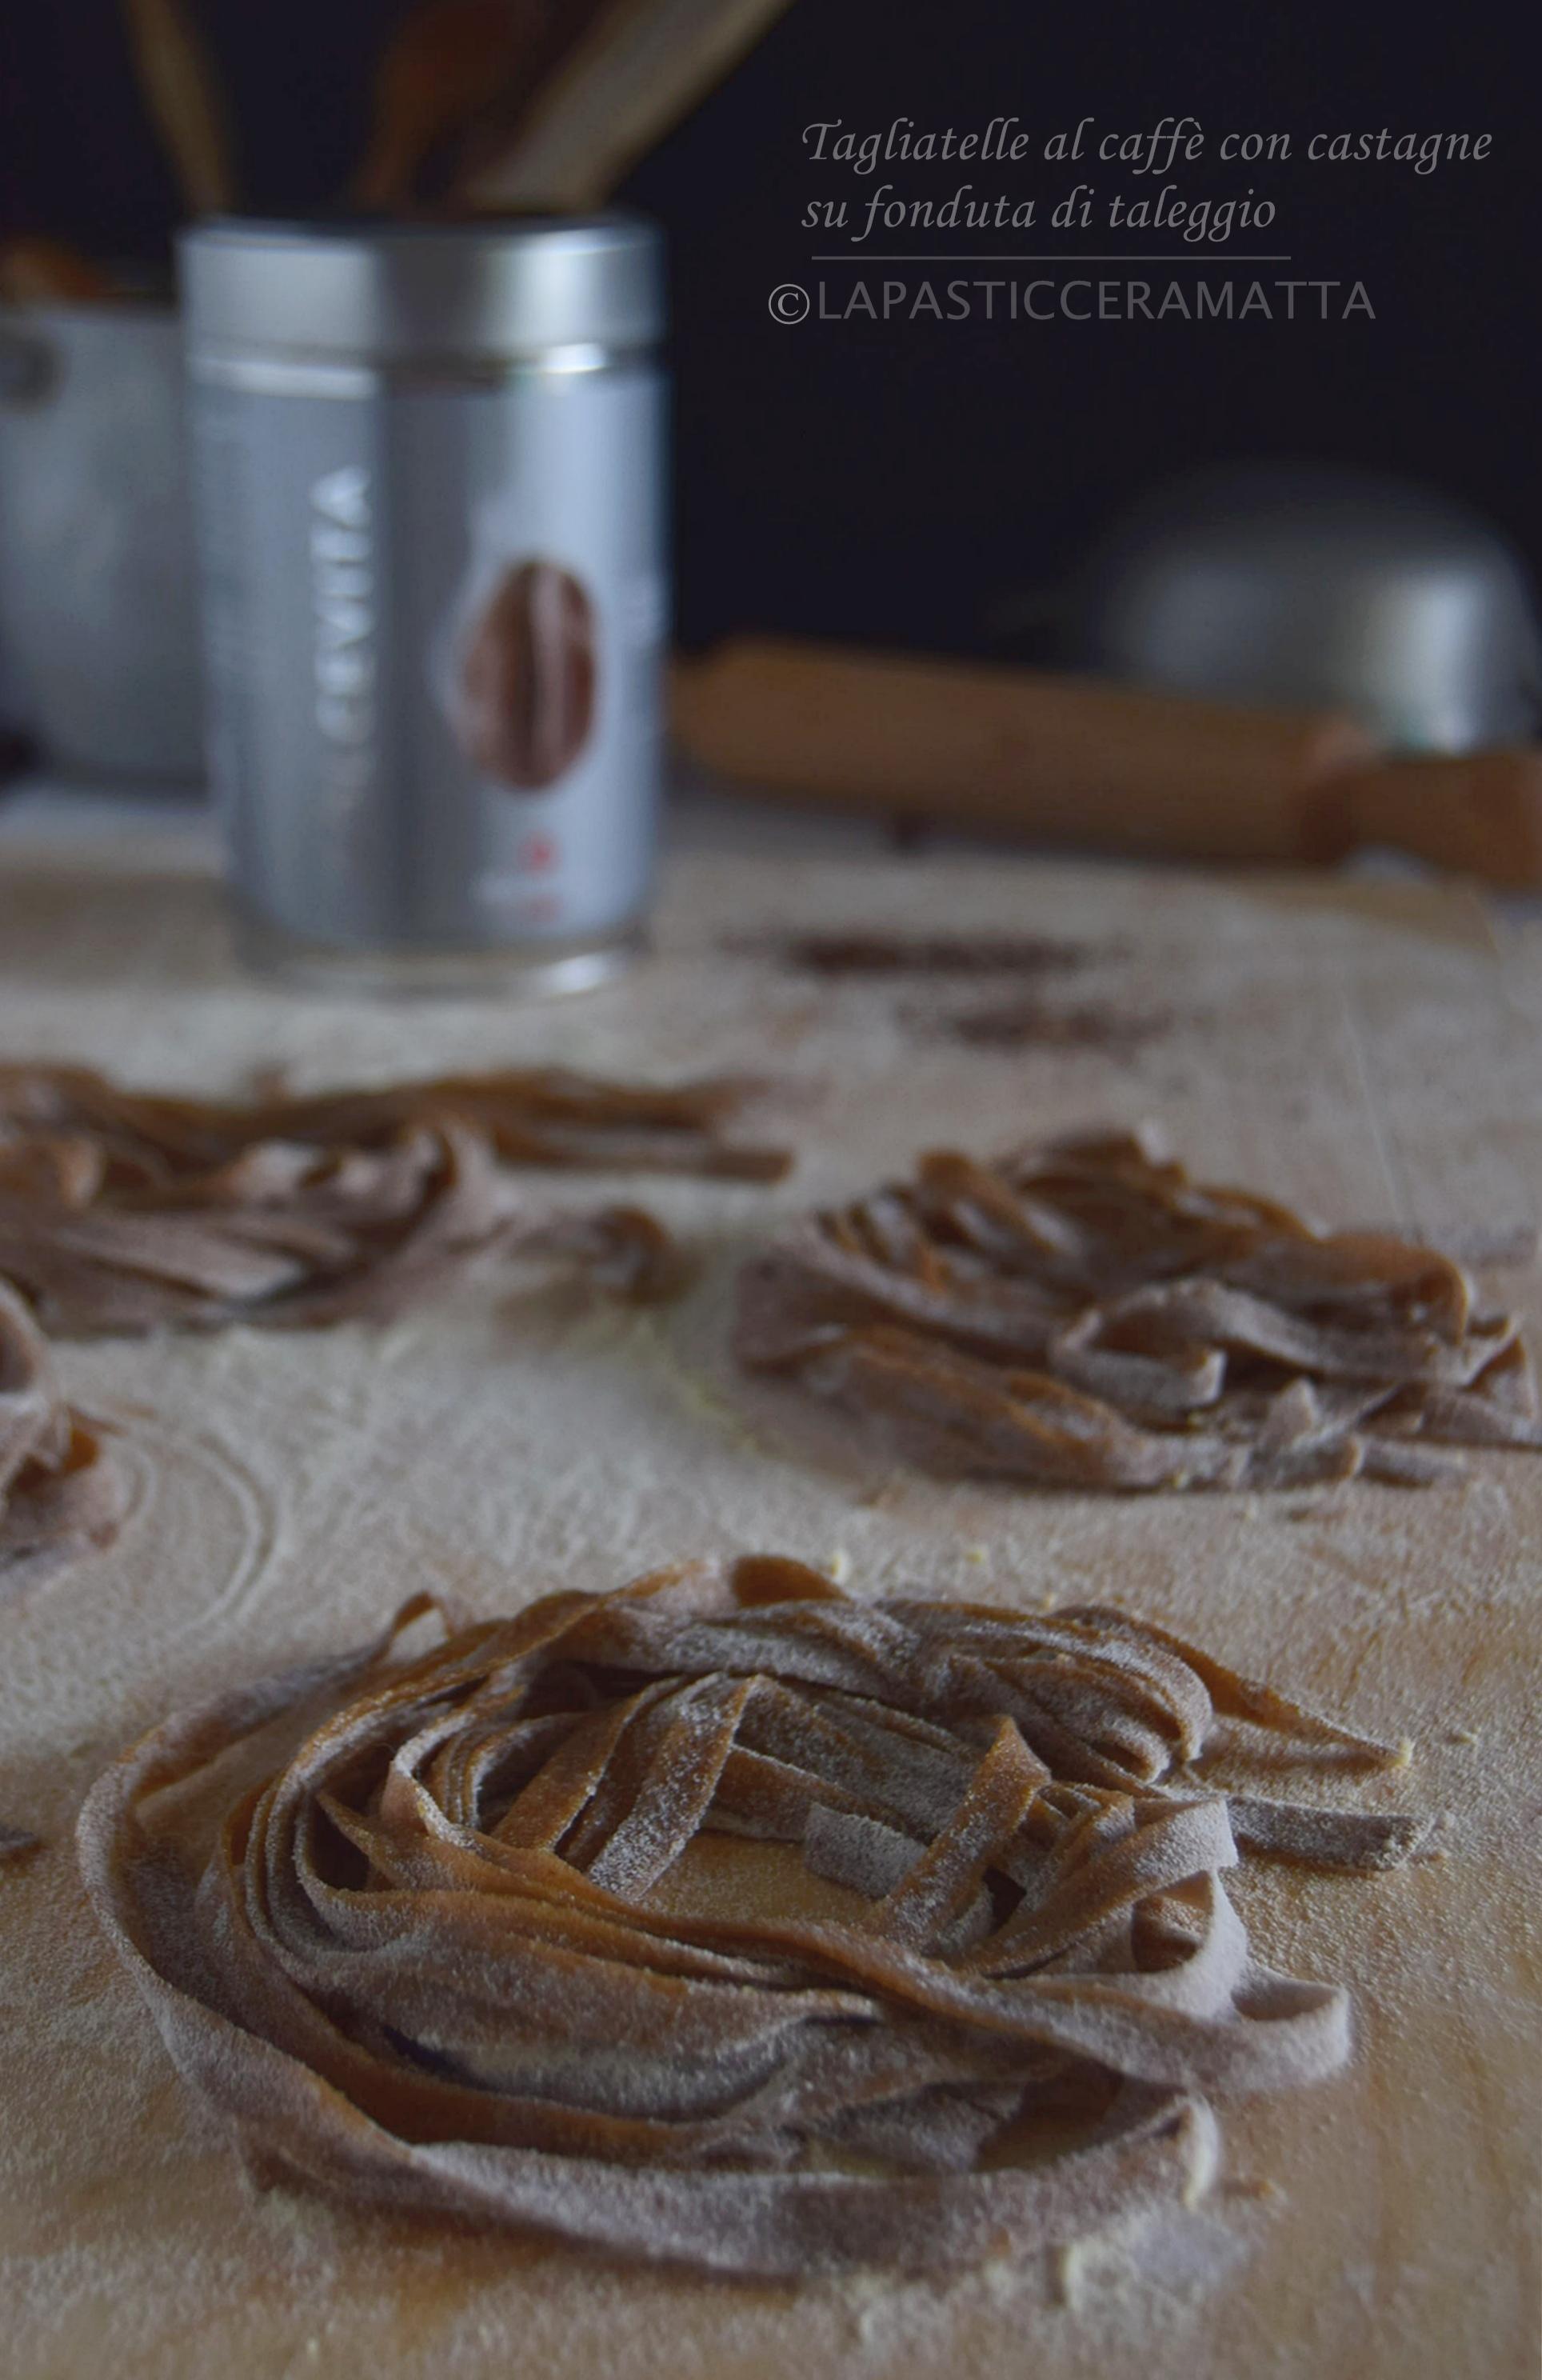 Tagliatelle al caffè con castagne su crema di taleggio